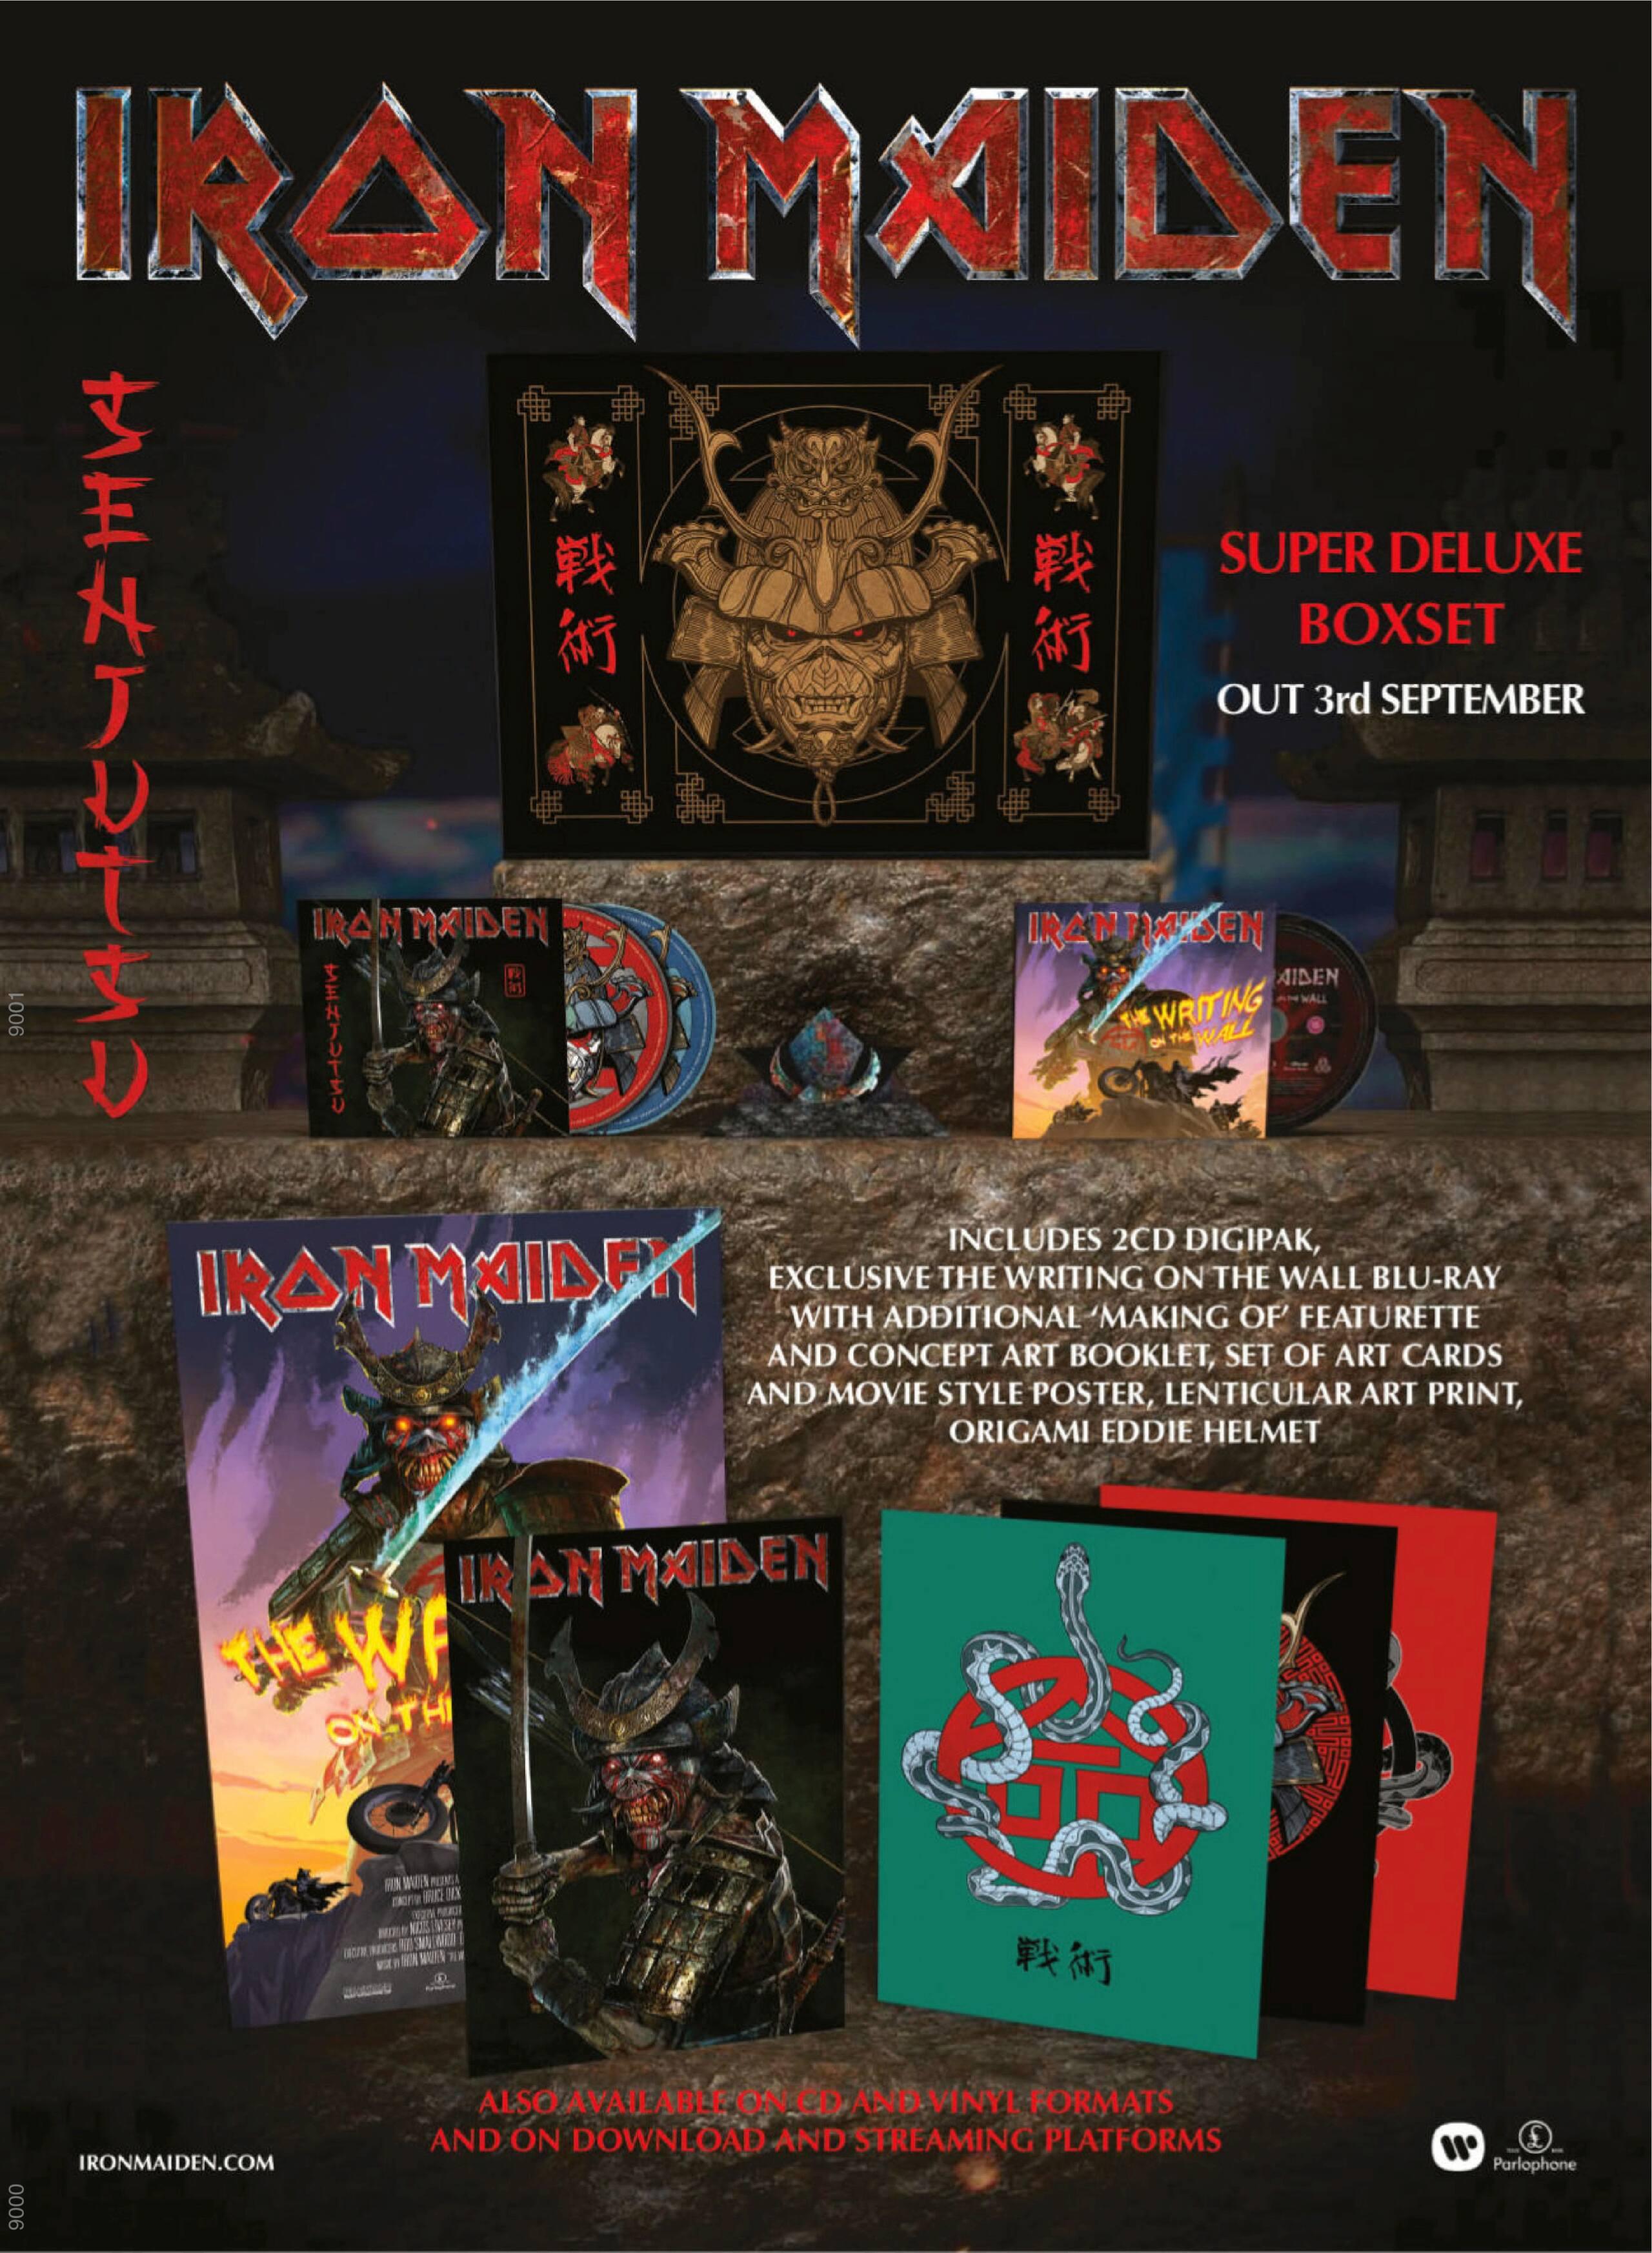 """IRON MAIDEN - """"Senjutsu"""" - sortie le 3 septembre 2021 - Page 3 Metal_52"""